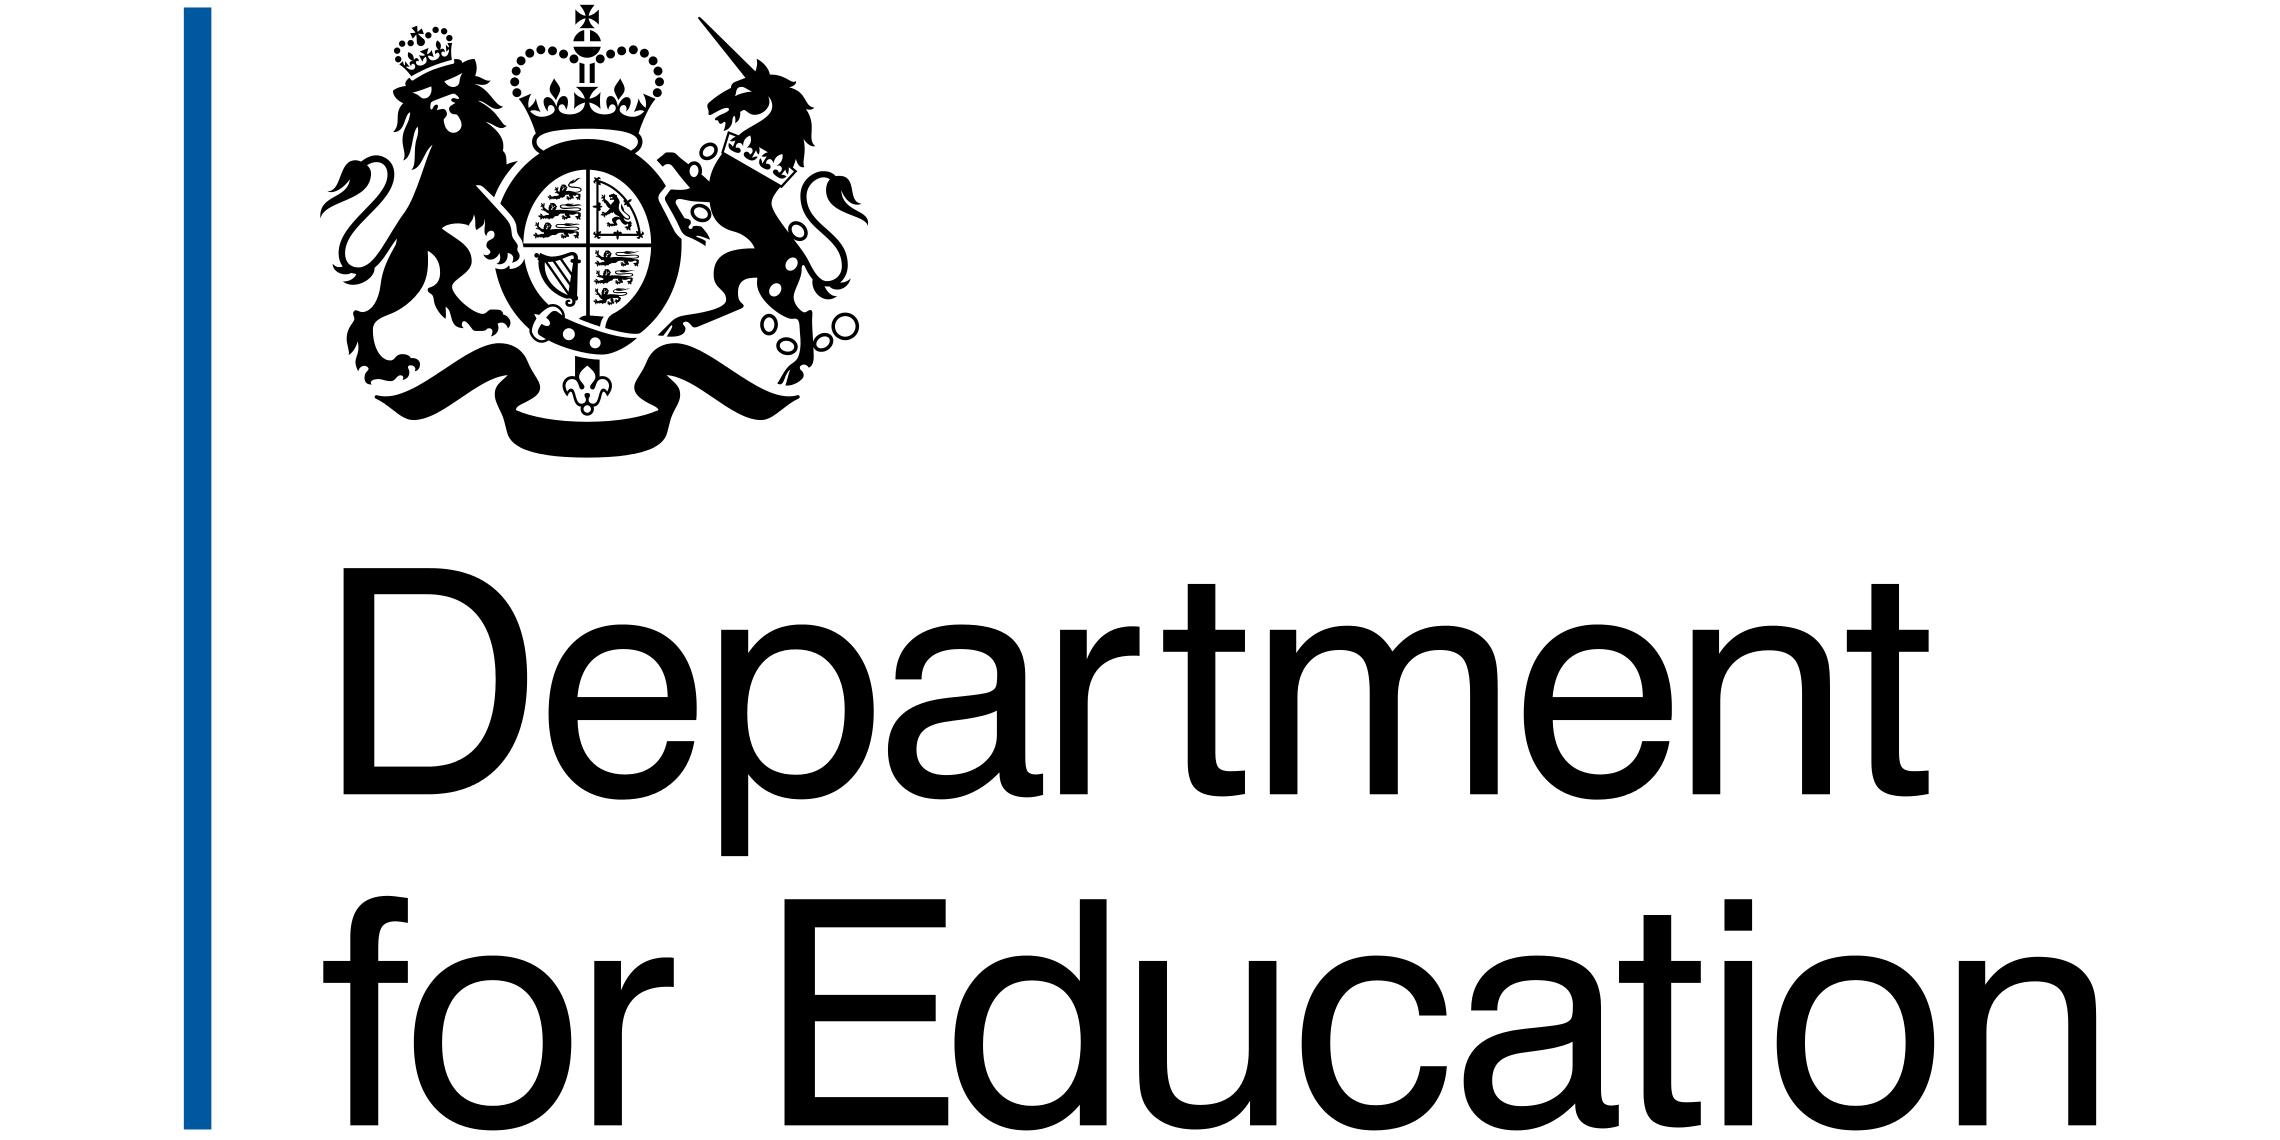 Department_for_Education.jpg